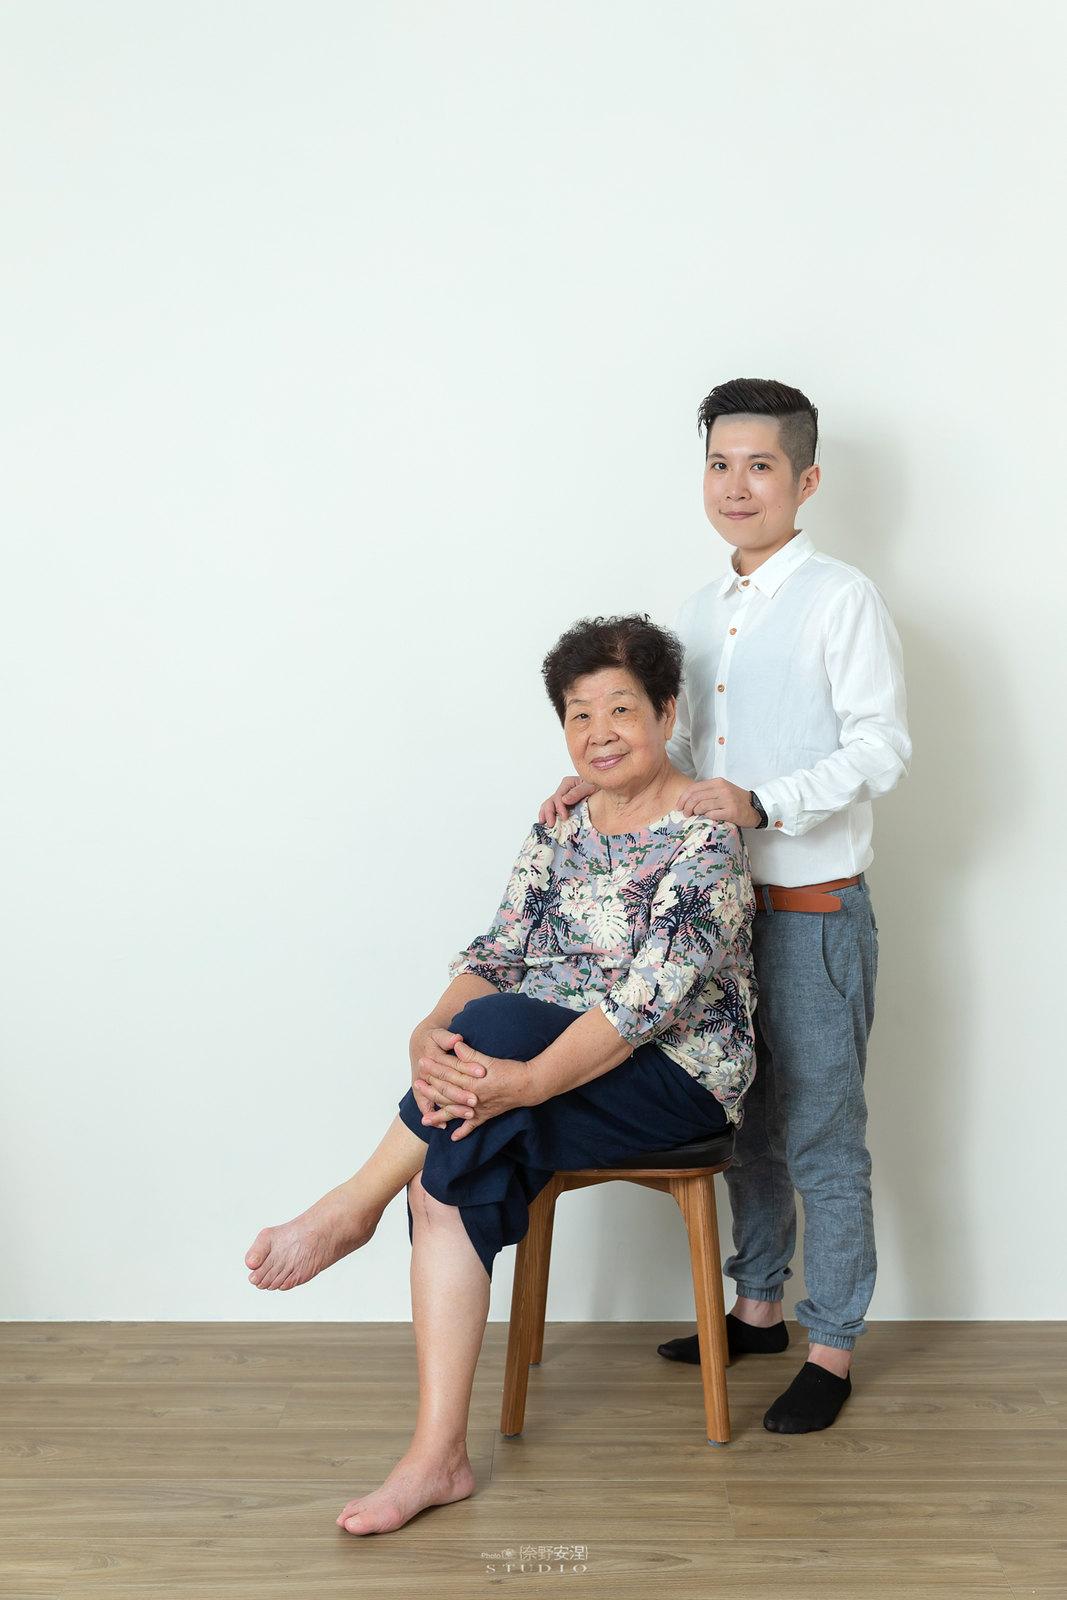 台南全家福 | 拋棄傳統合照的彆扭,忠實呈現家人間最親密的情感29